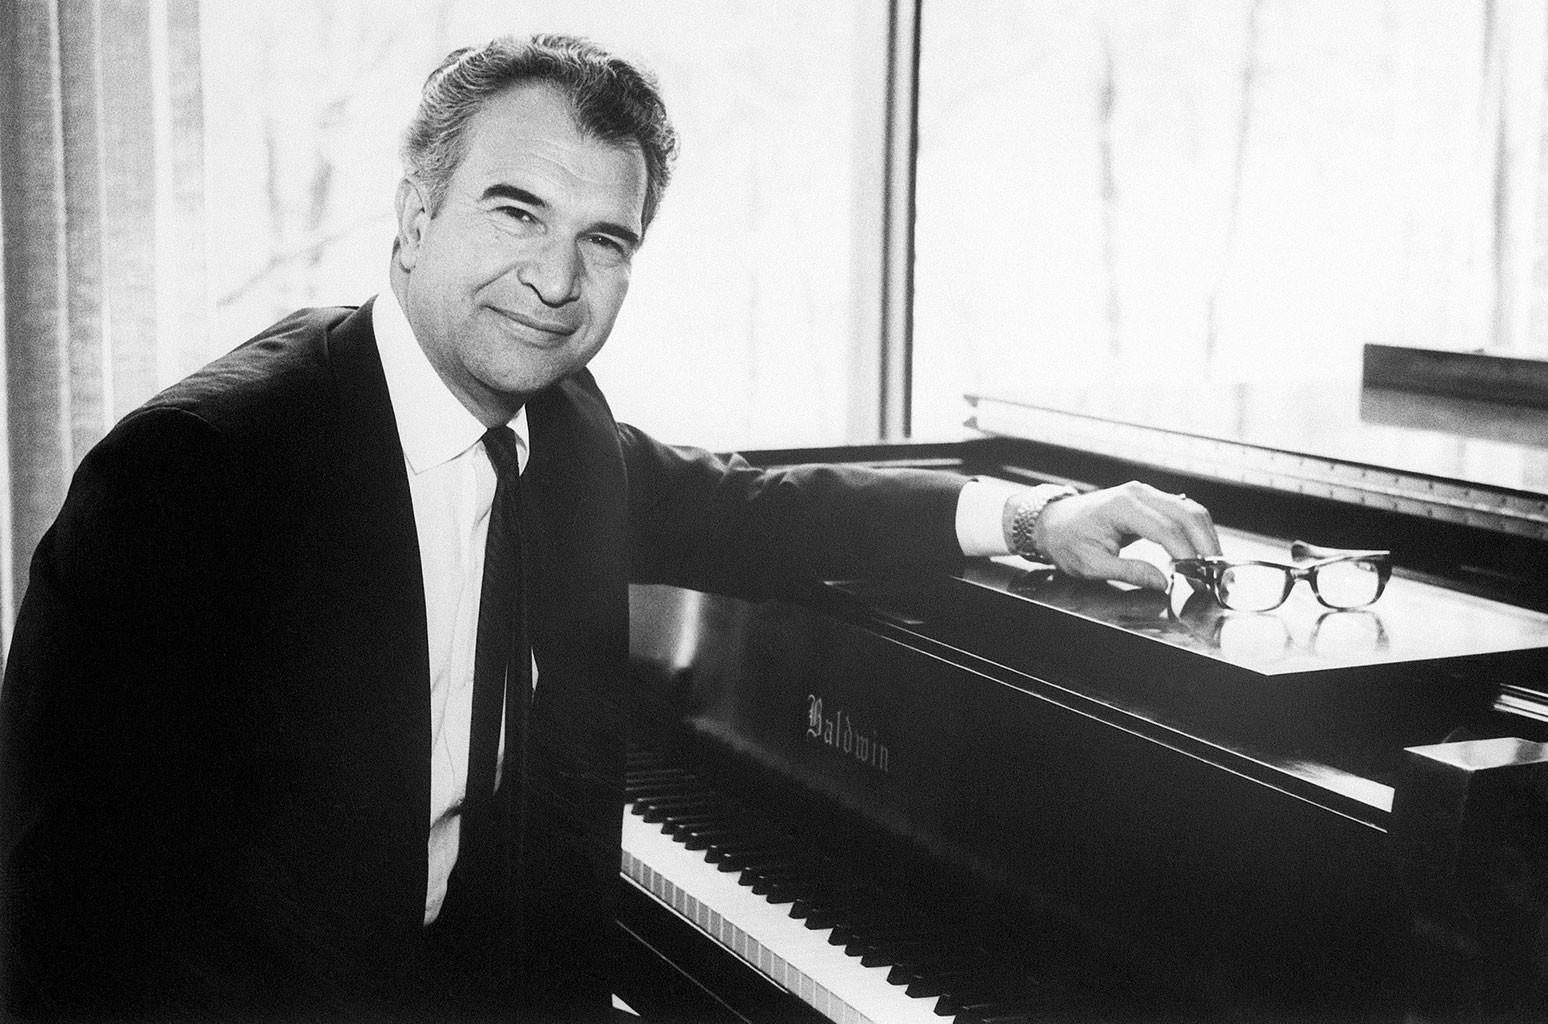 David Brubeck